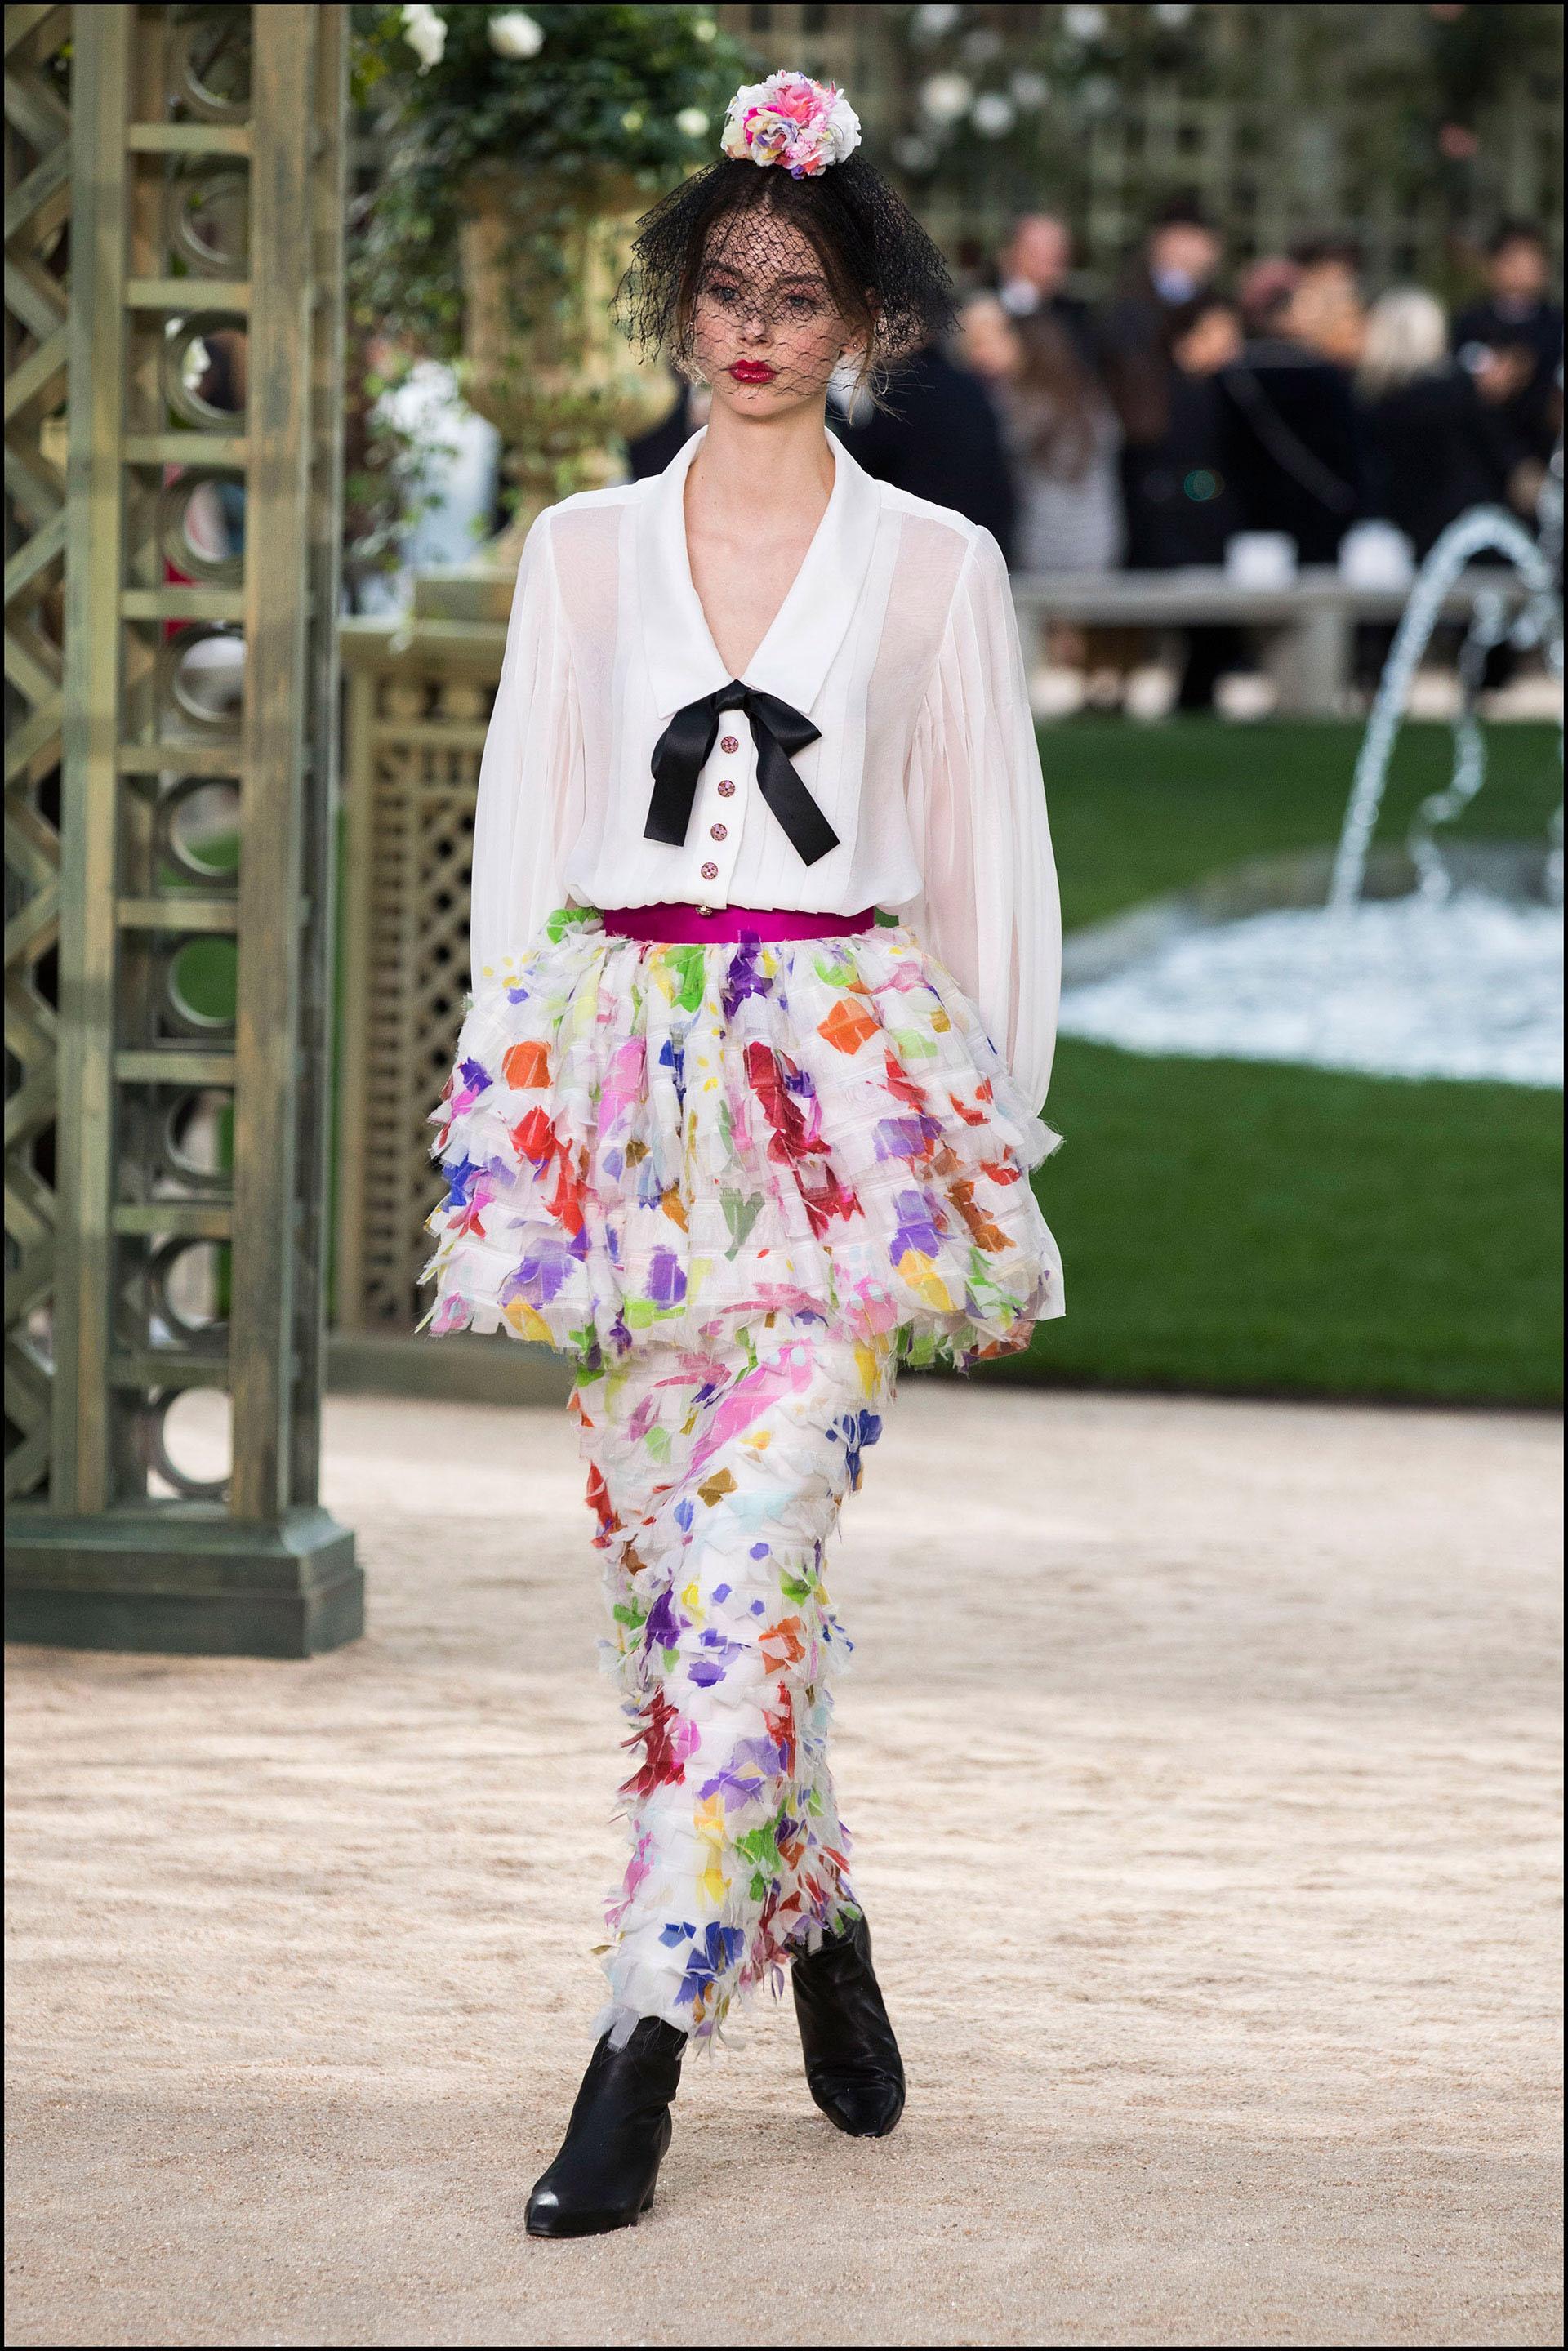 Faldas estampadas que incluían otra falda más cota encima se combinaron con delicadas blusas.